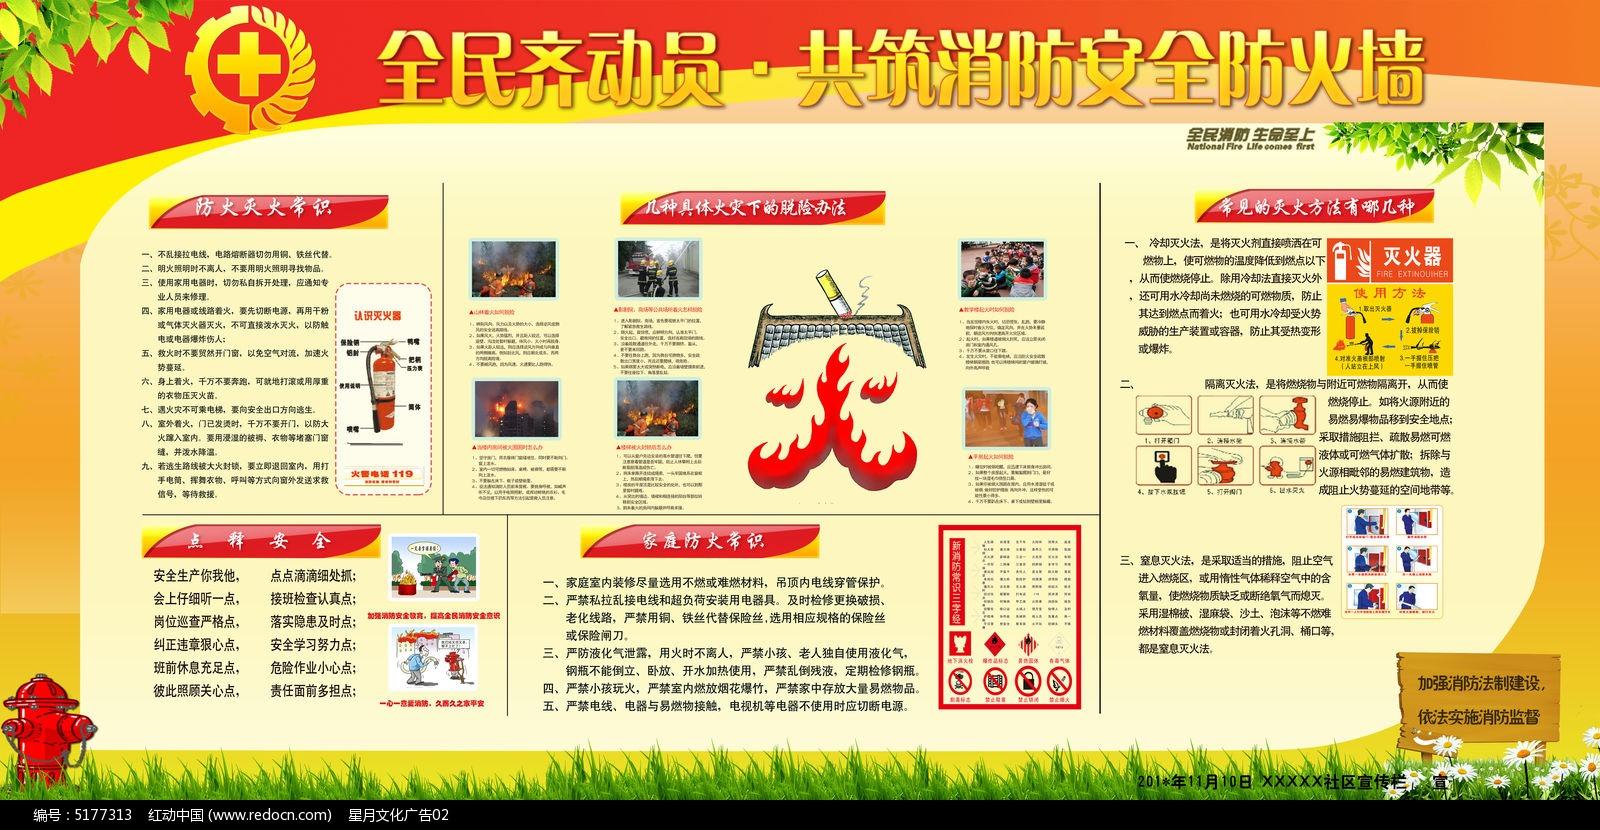 您当前编号作品社区是横幅消防镀锌海报v作品,访问是5249991,格式主题钢丝文件卷图片